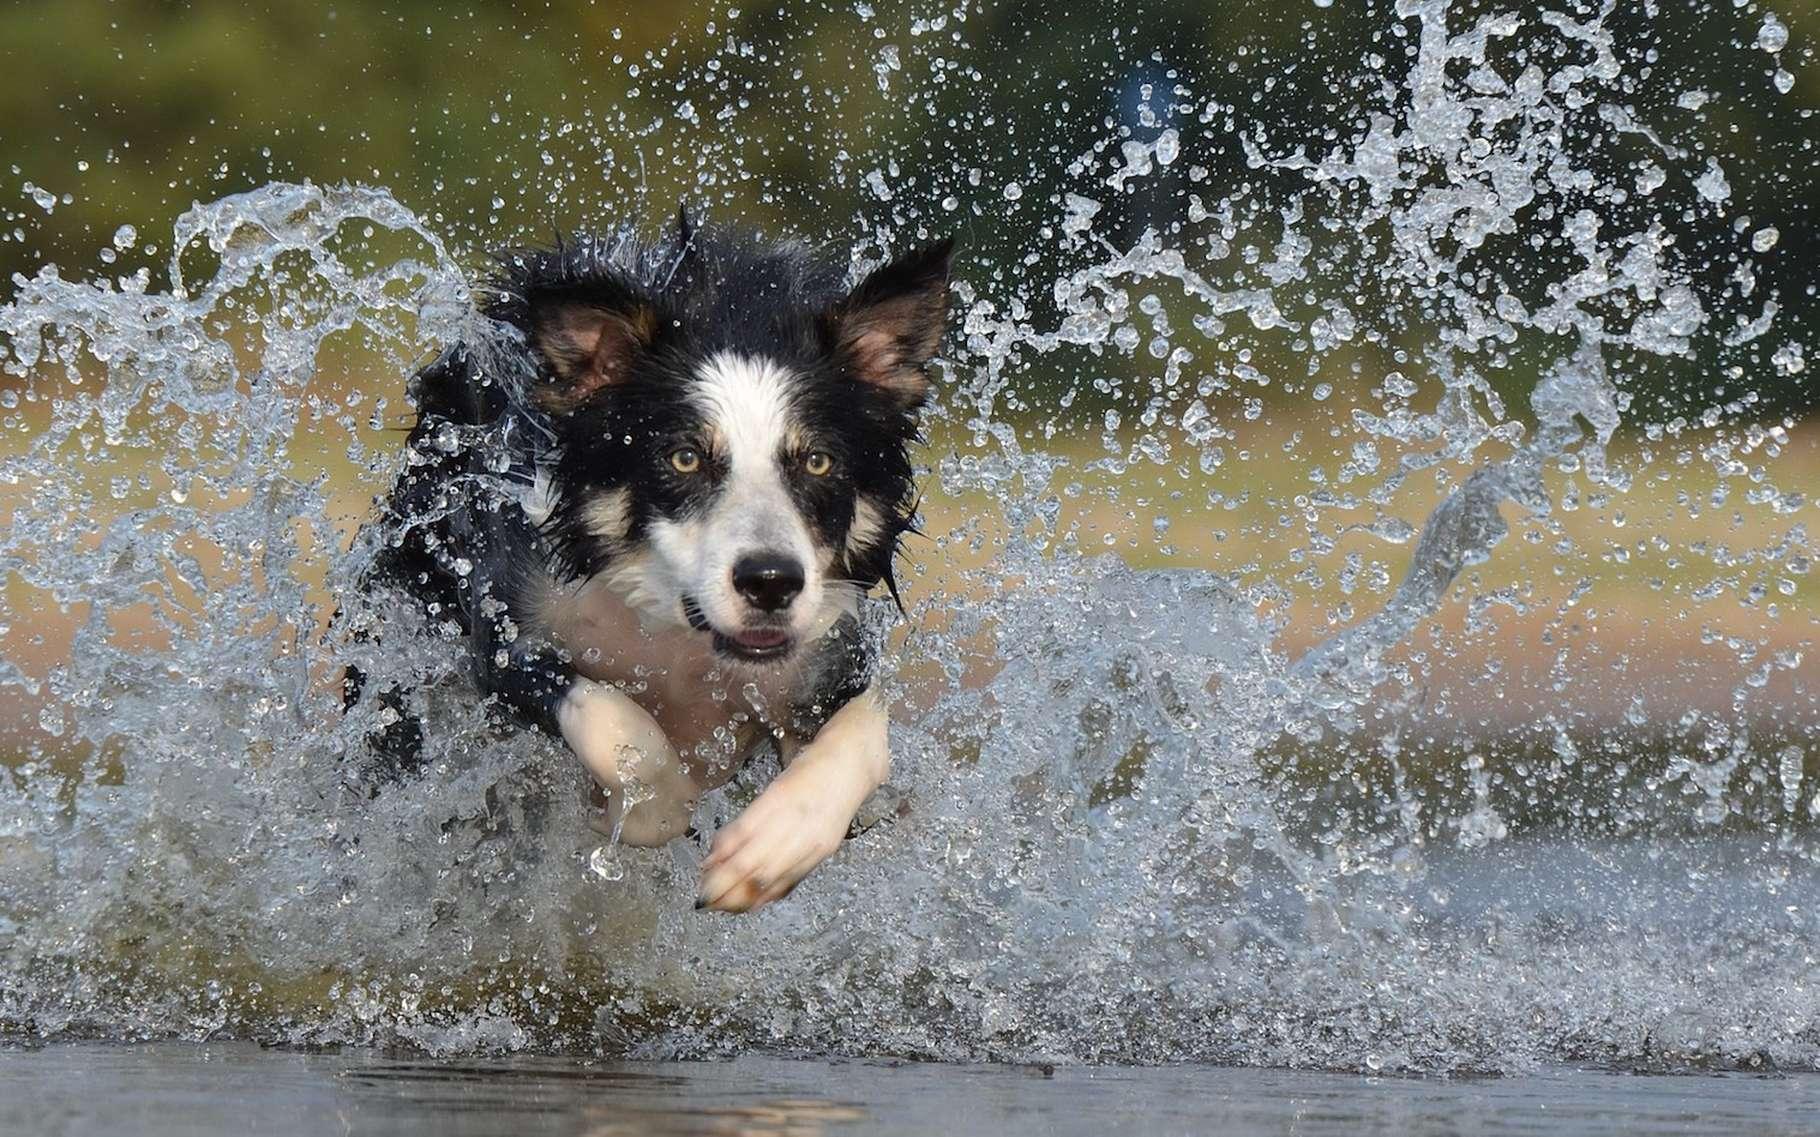 Des gènes ont été identifiés chez le chien qui pourraient être à l'origine de ses capacités athlétiques. Des résultats qui devraient servir à améliorer les performances des athlètes humains. © 825545, Pixabay, CC0 Creative Commons